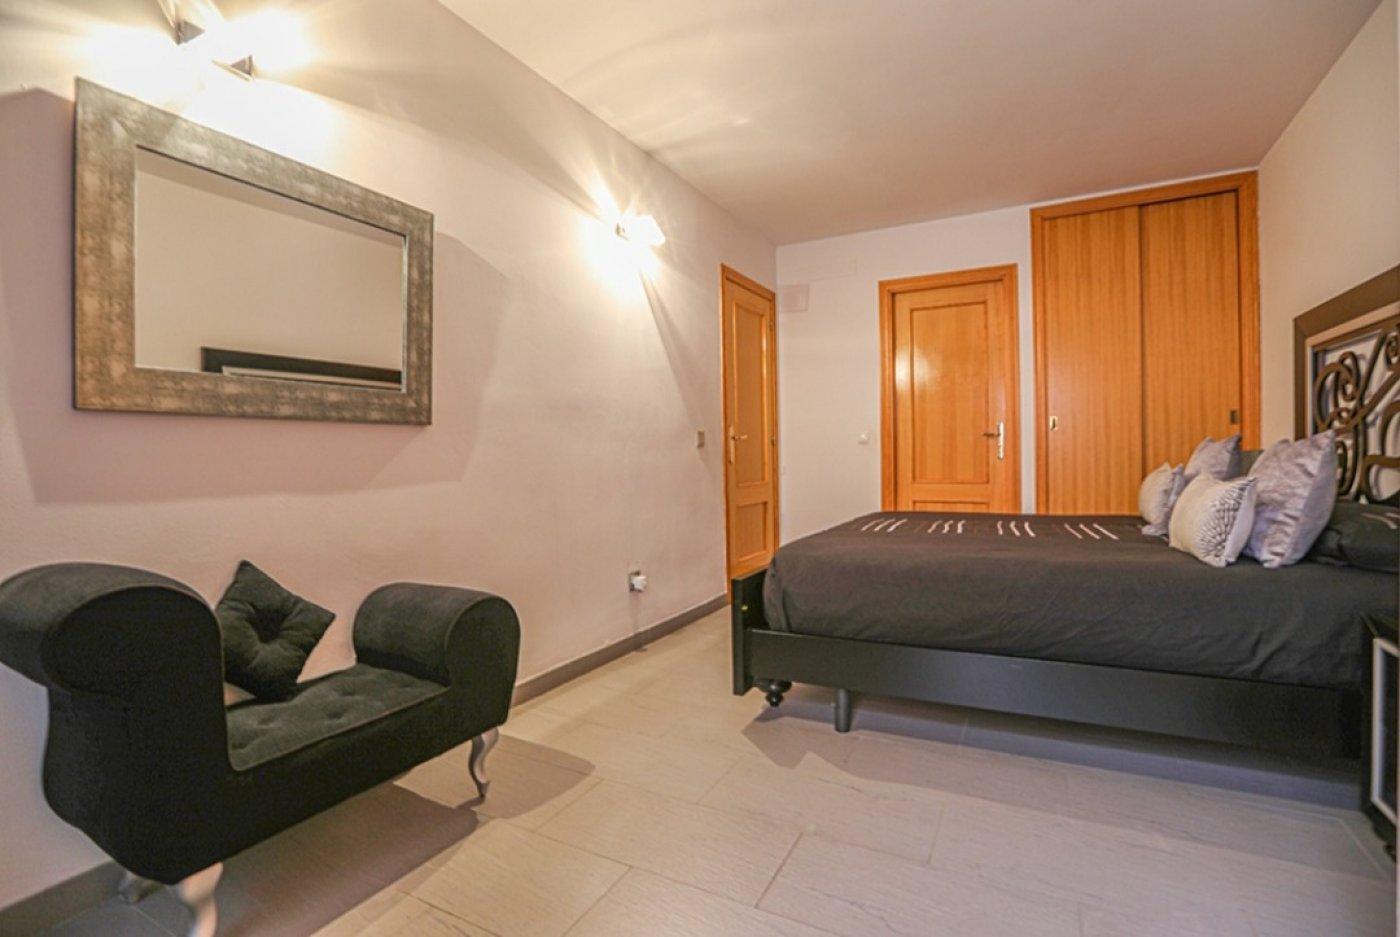 Se vende bonito apartamento semi nuevo con parking en andratx - imagenInmueble12